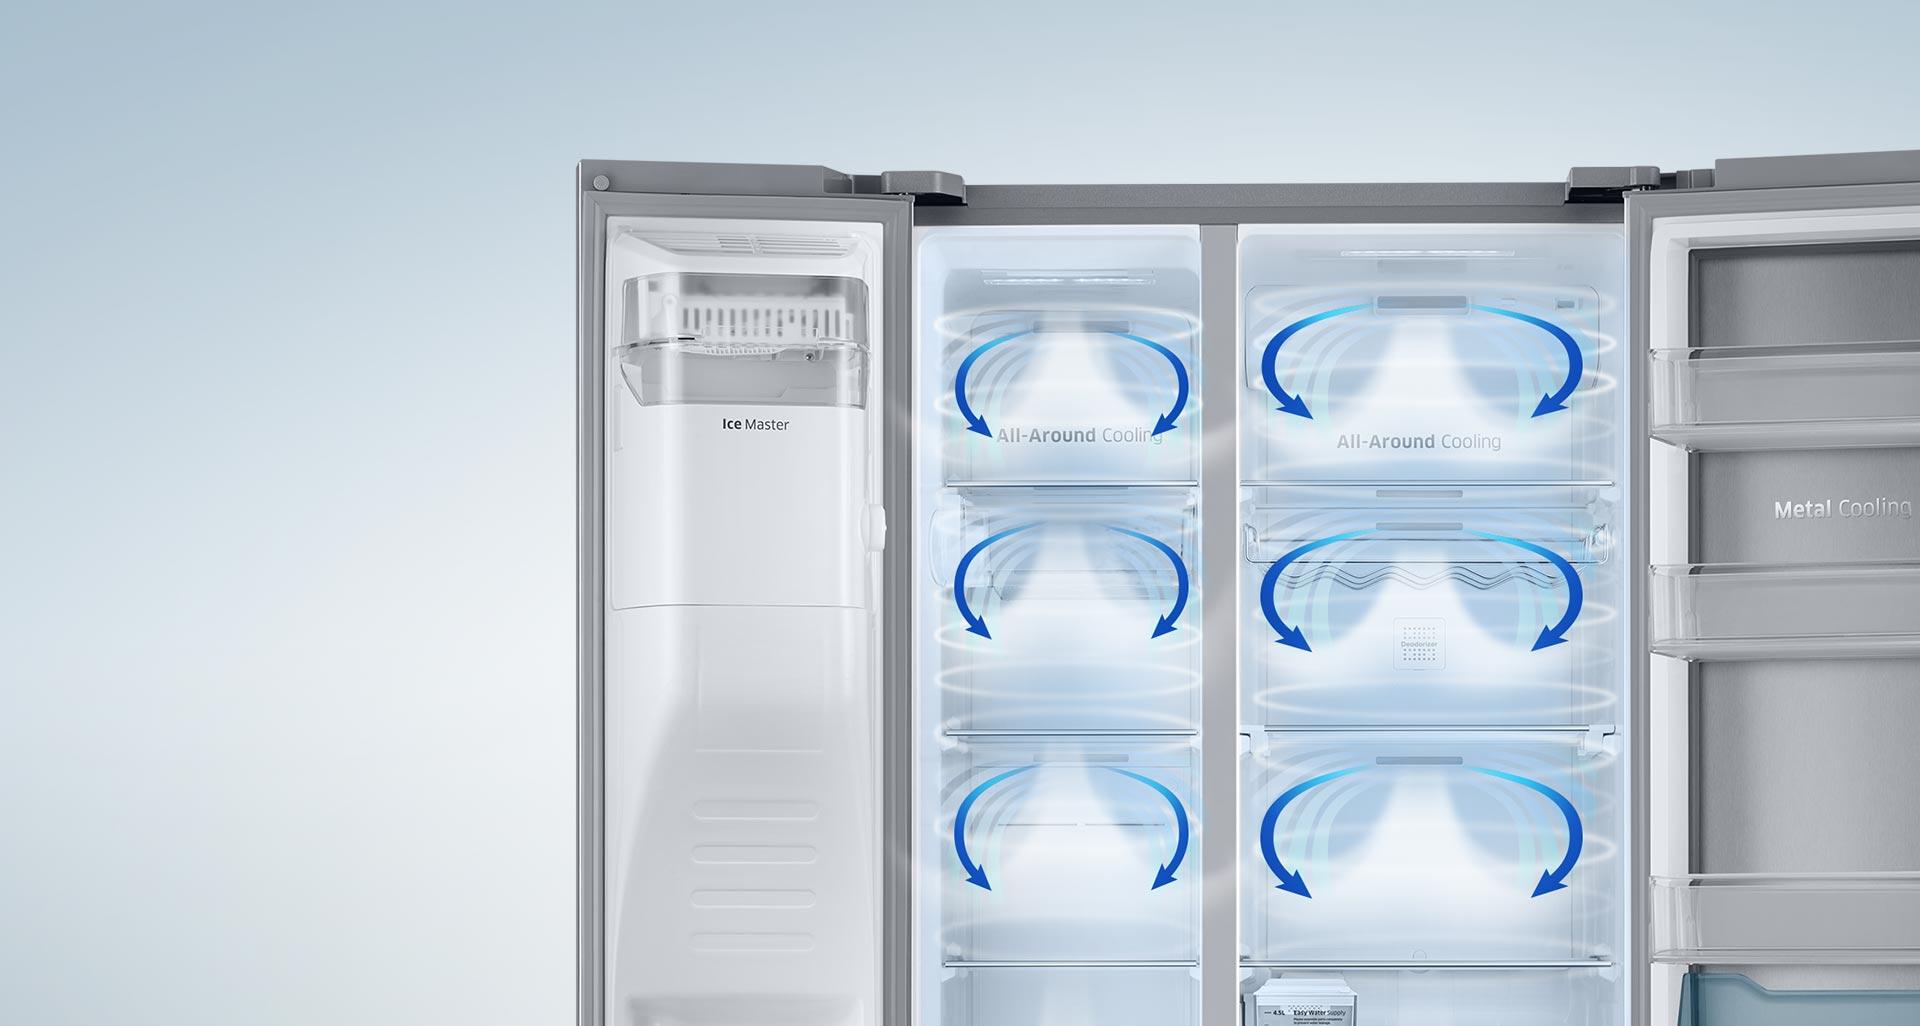 Система no frost в холодильнике - что это такое? как работает, плюсы и минусы